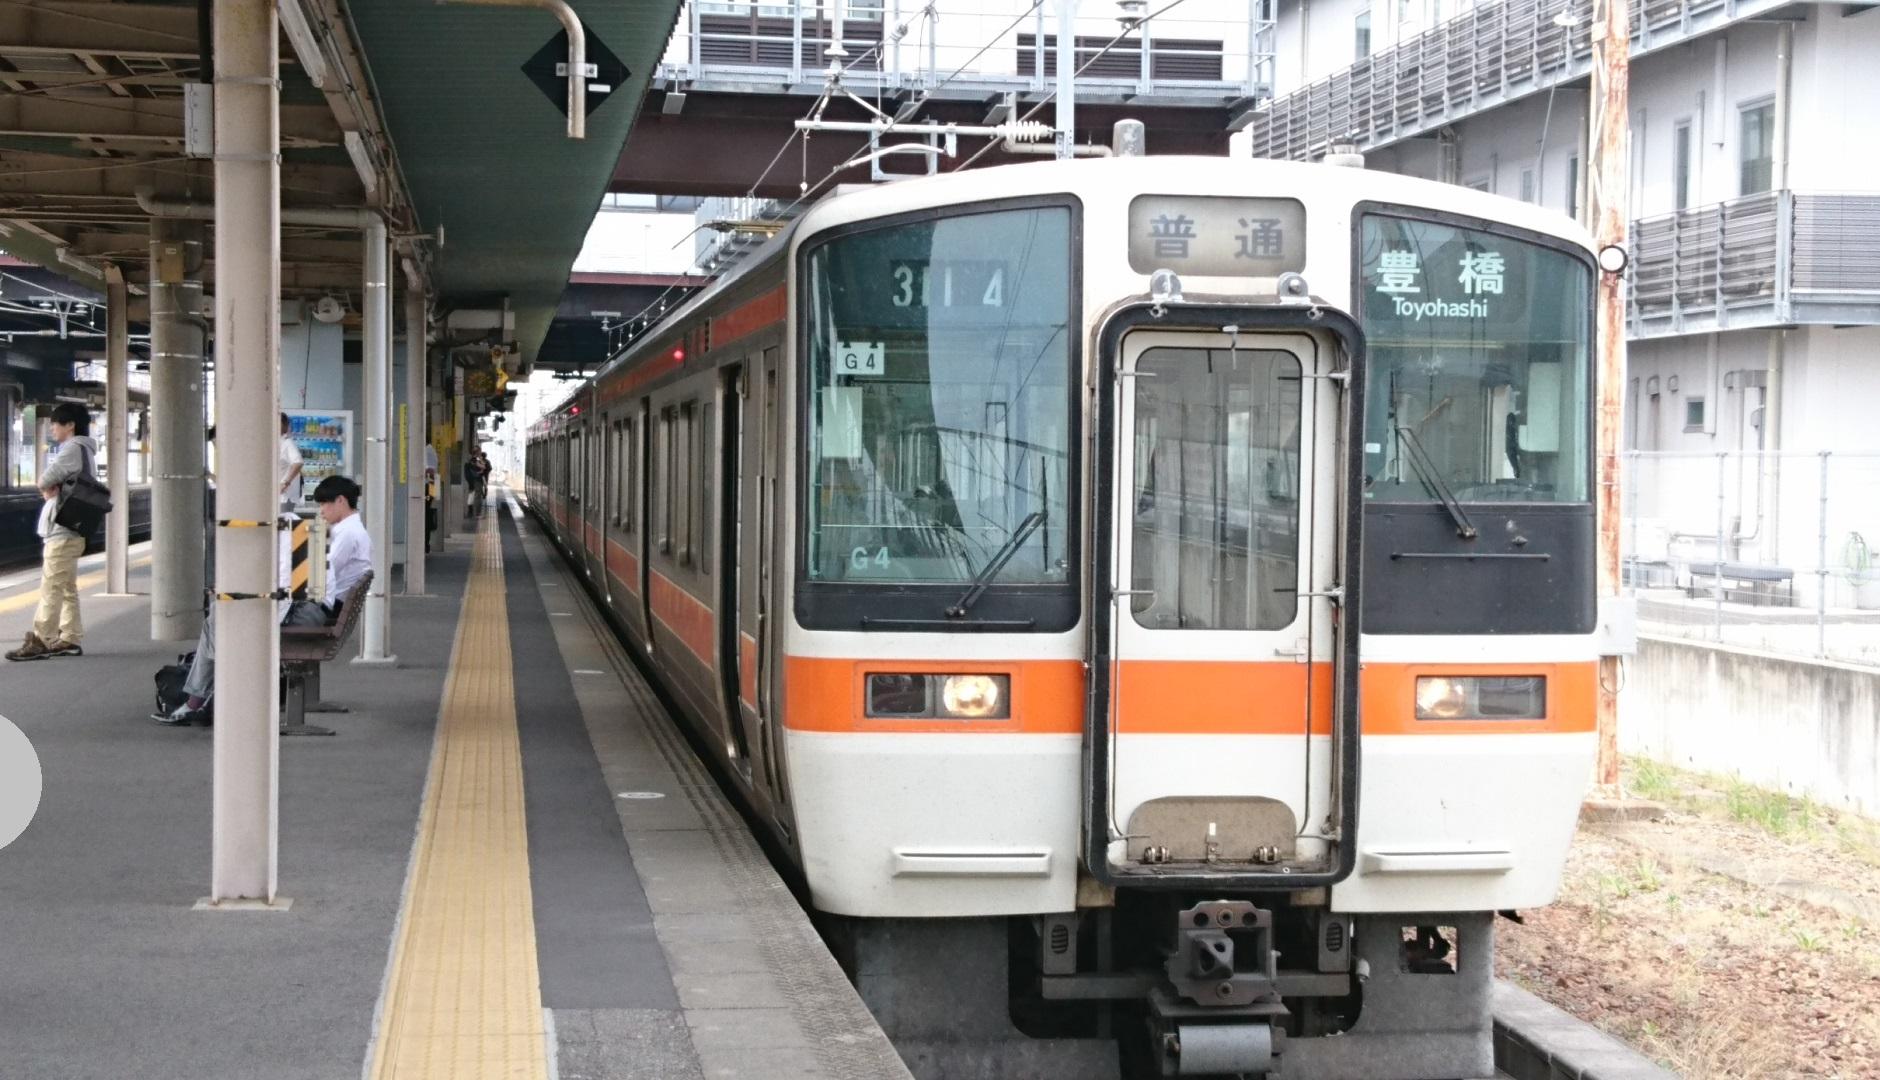 2017.6.20 相見え (9) 岡崎 - 豊橋いきふつう 1880-1080